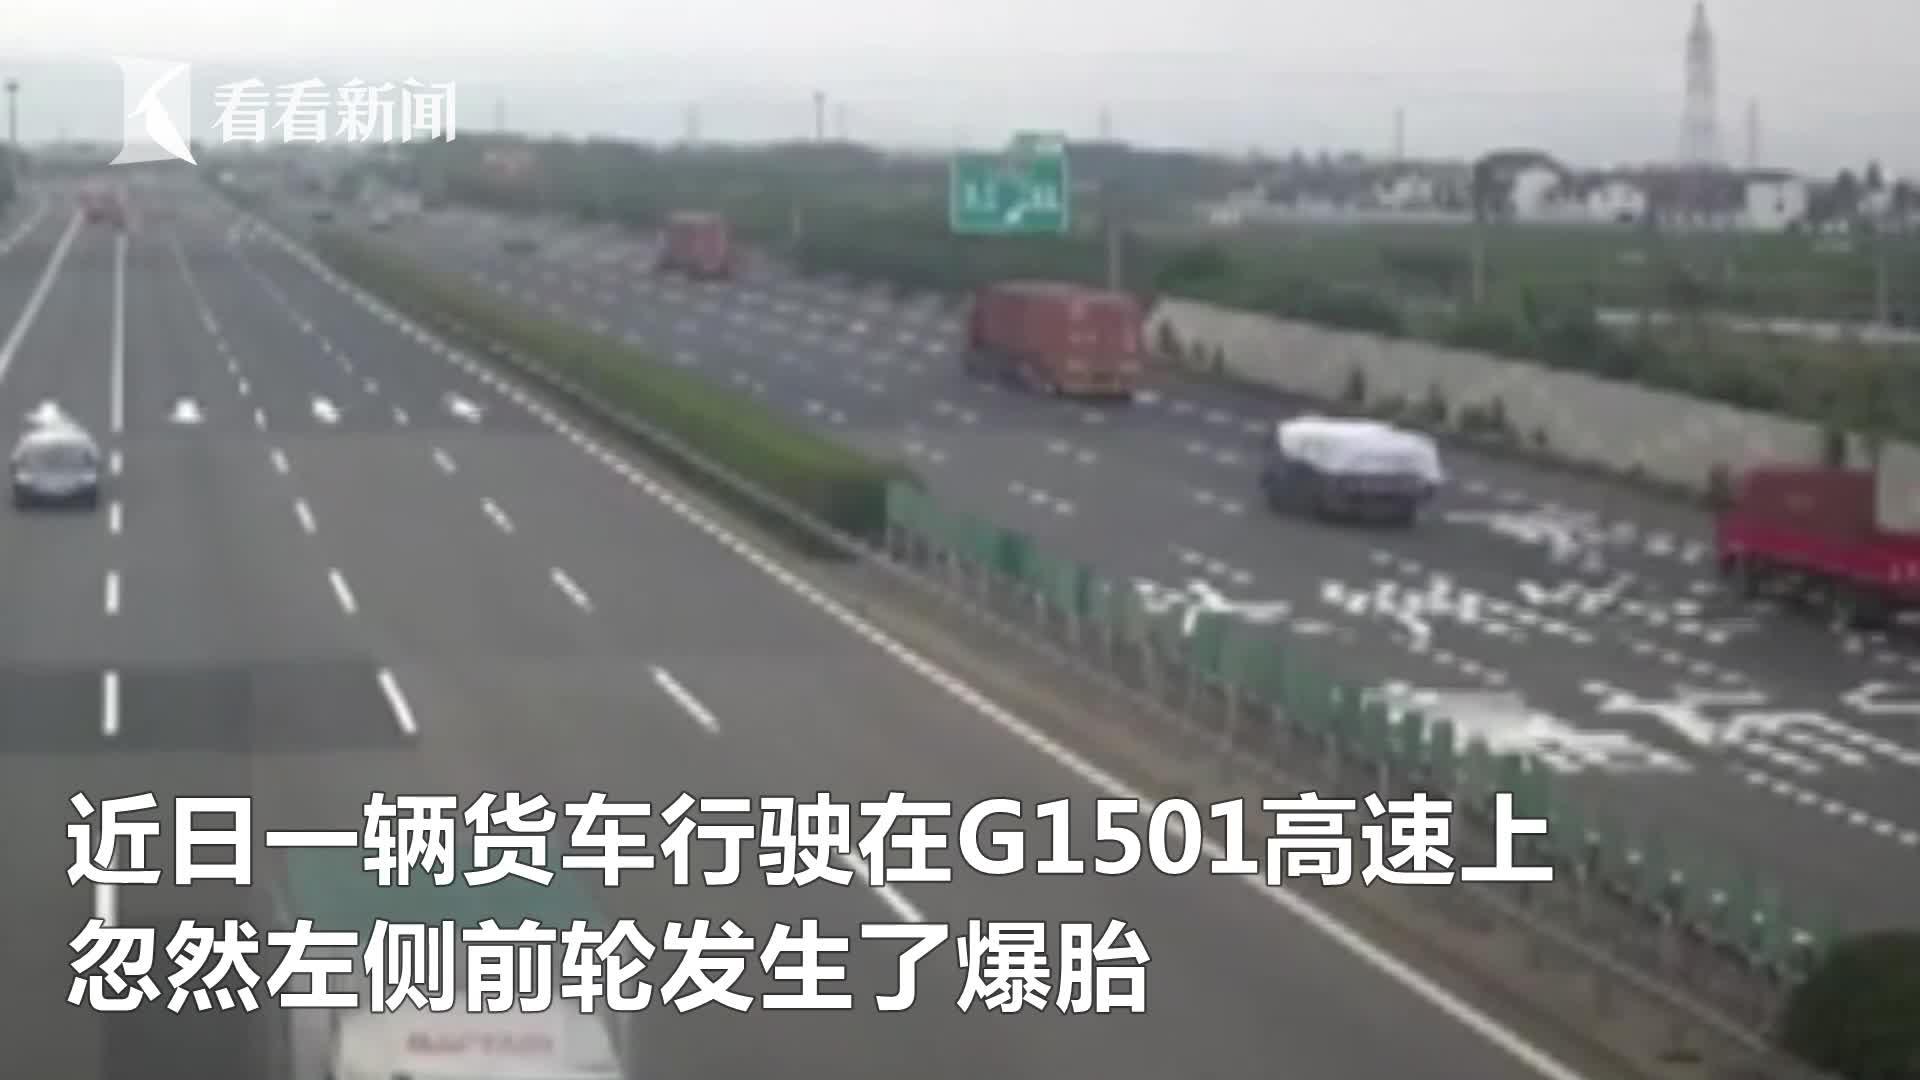 视频丨轿车追尾爆胎货车 司机没系安全带当场丧命